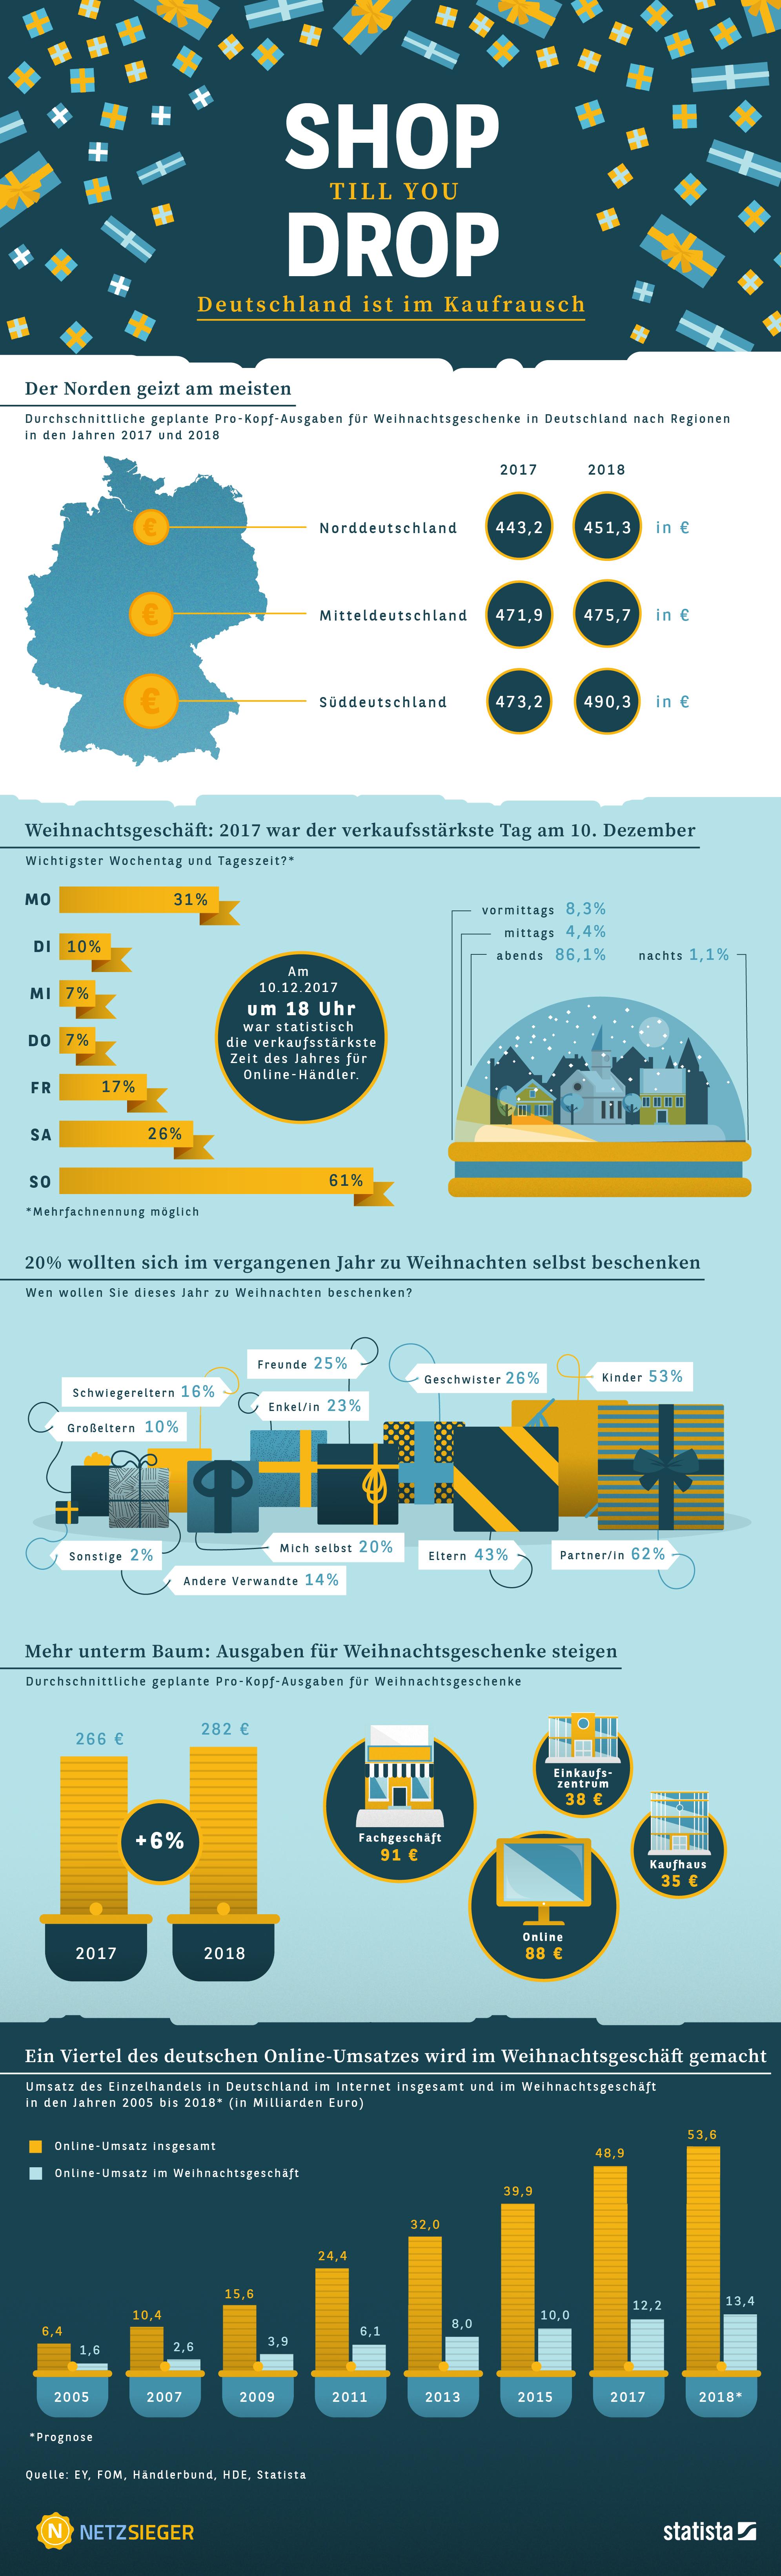 Infografik: Weihnachtszeit ist Shoppingzeit | Statista